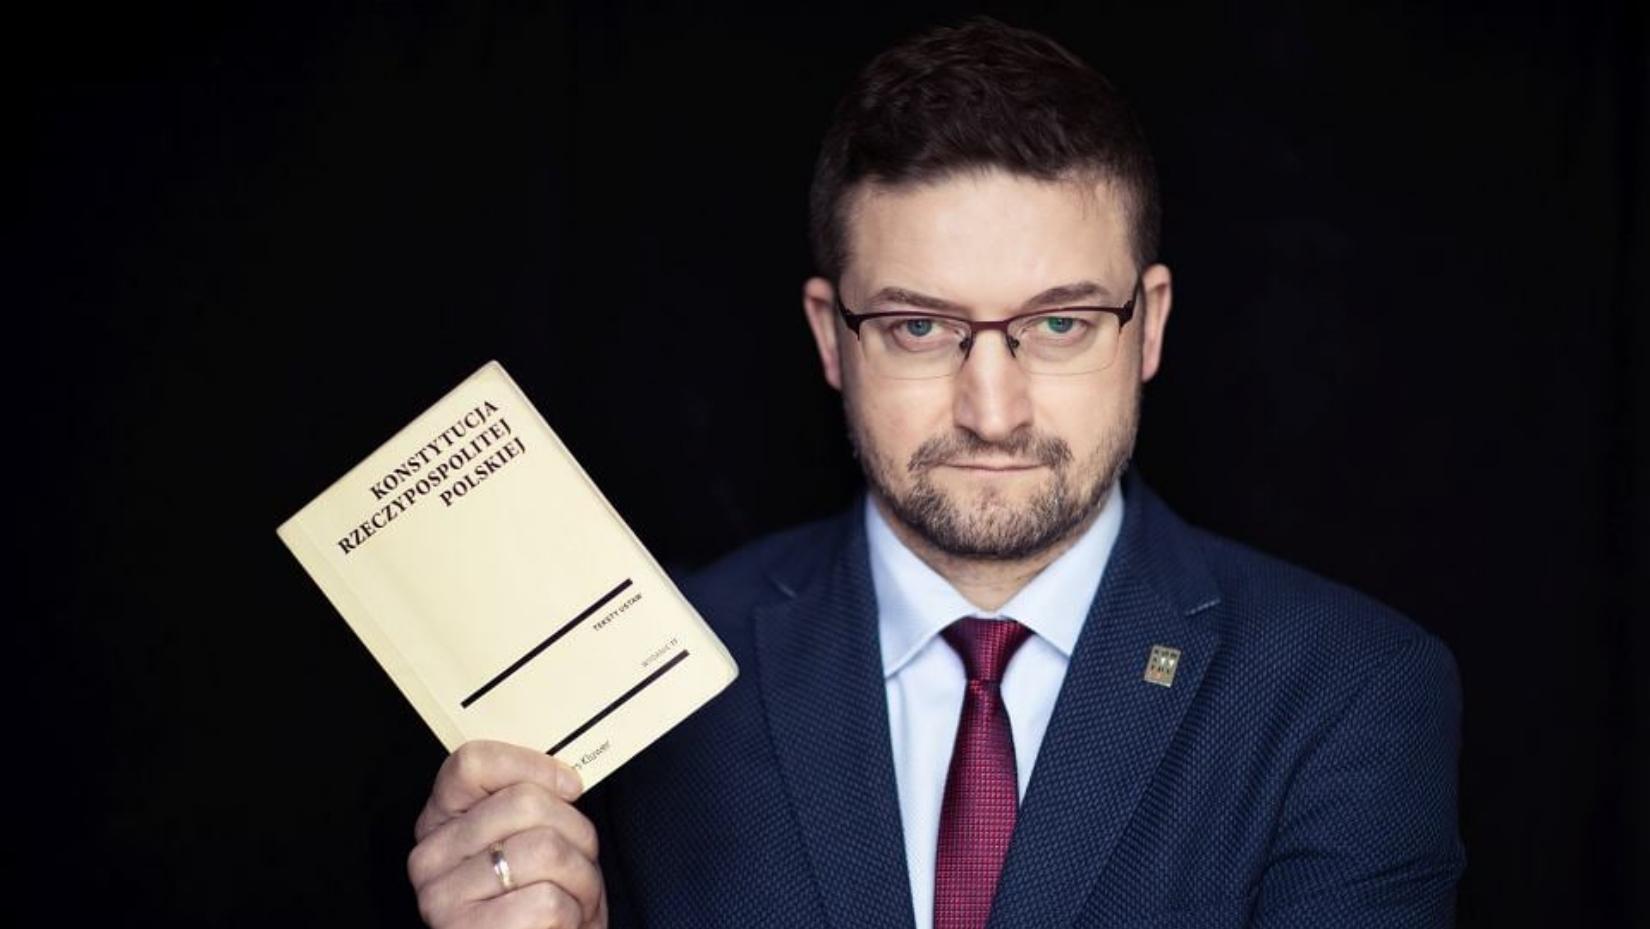 Porażka Ziobry. Sąd twardo: Sędzia Juszczyszyn ma wrócić do pracy